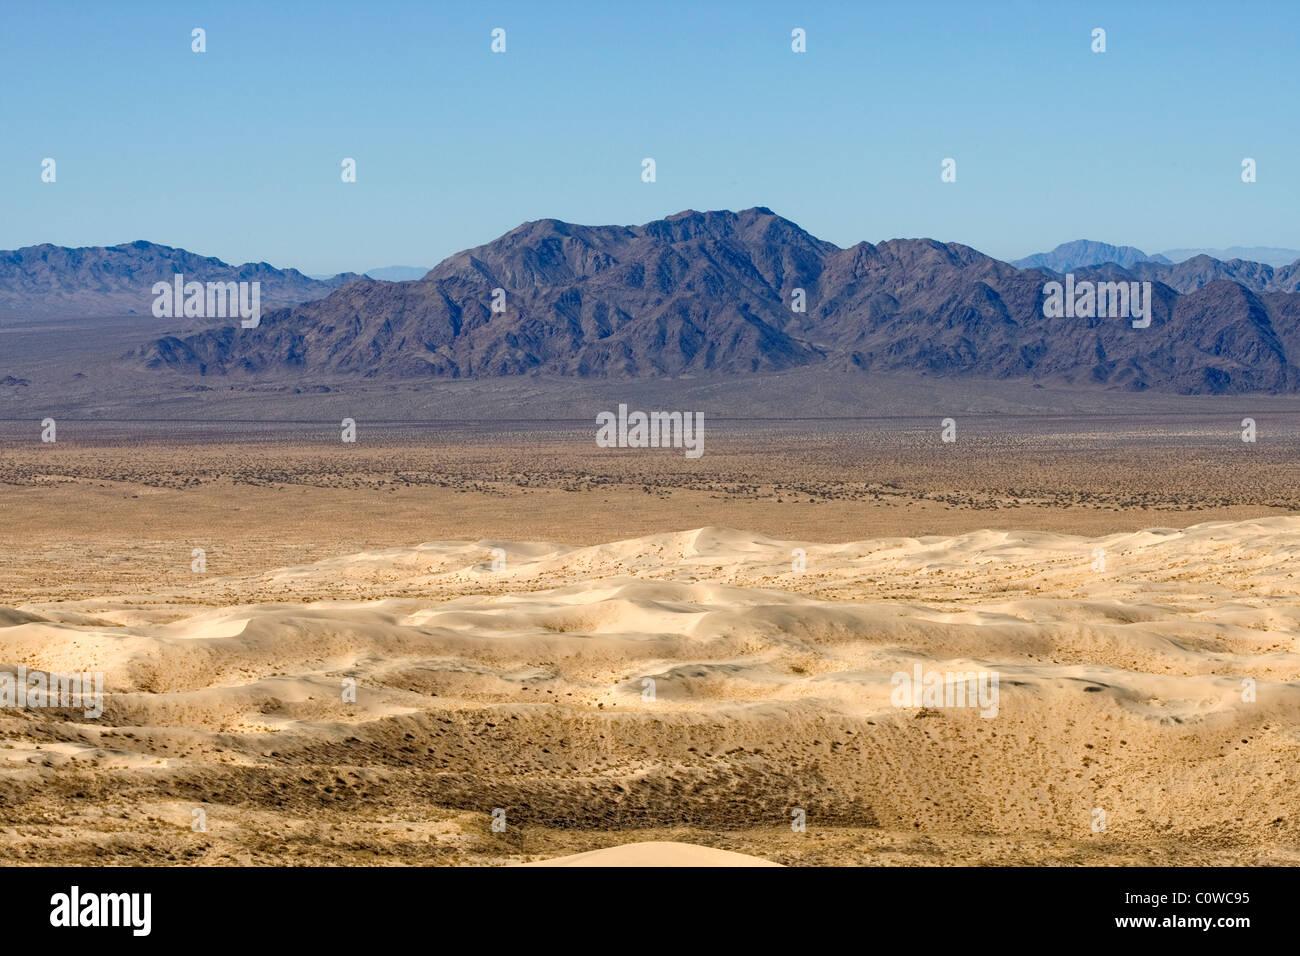 Landscape of the Mojave Desert, California. - Stock Image